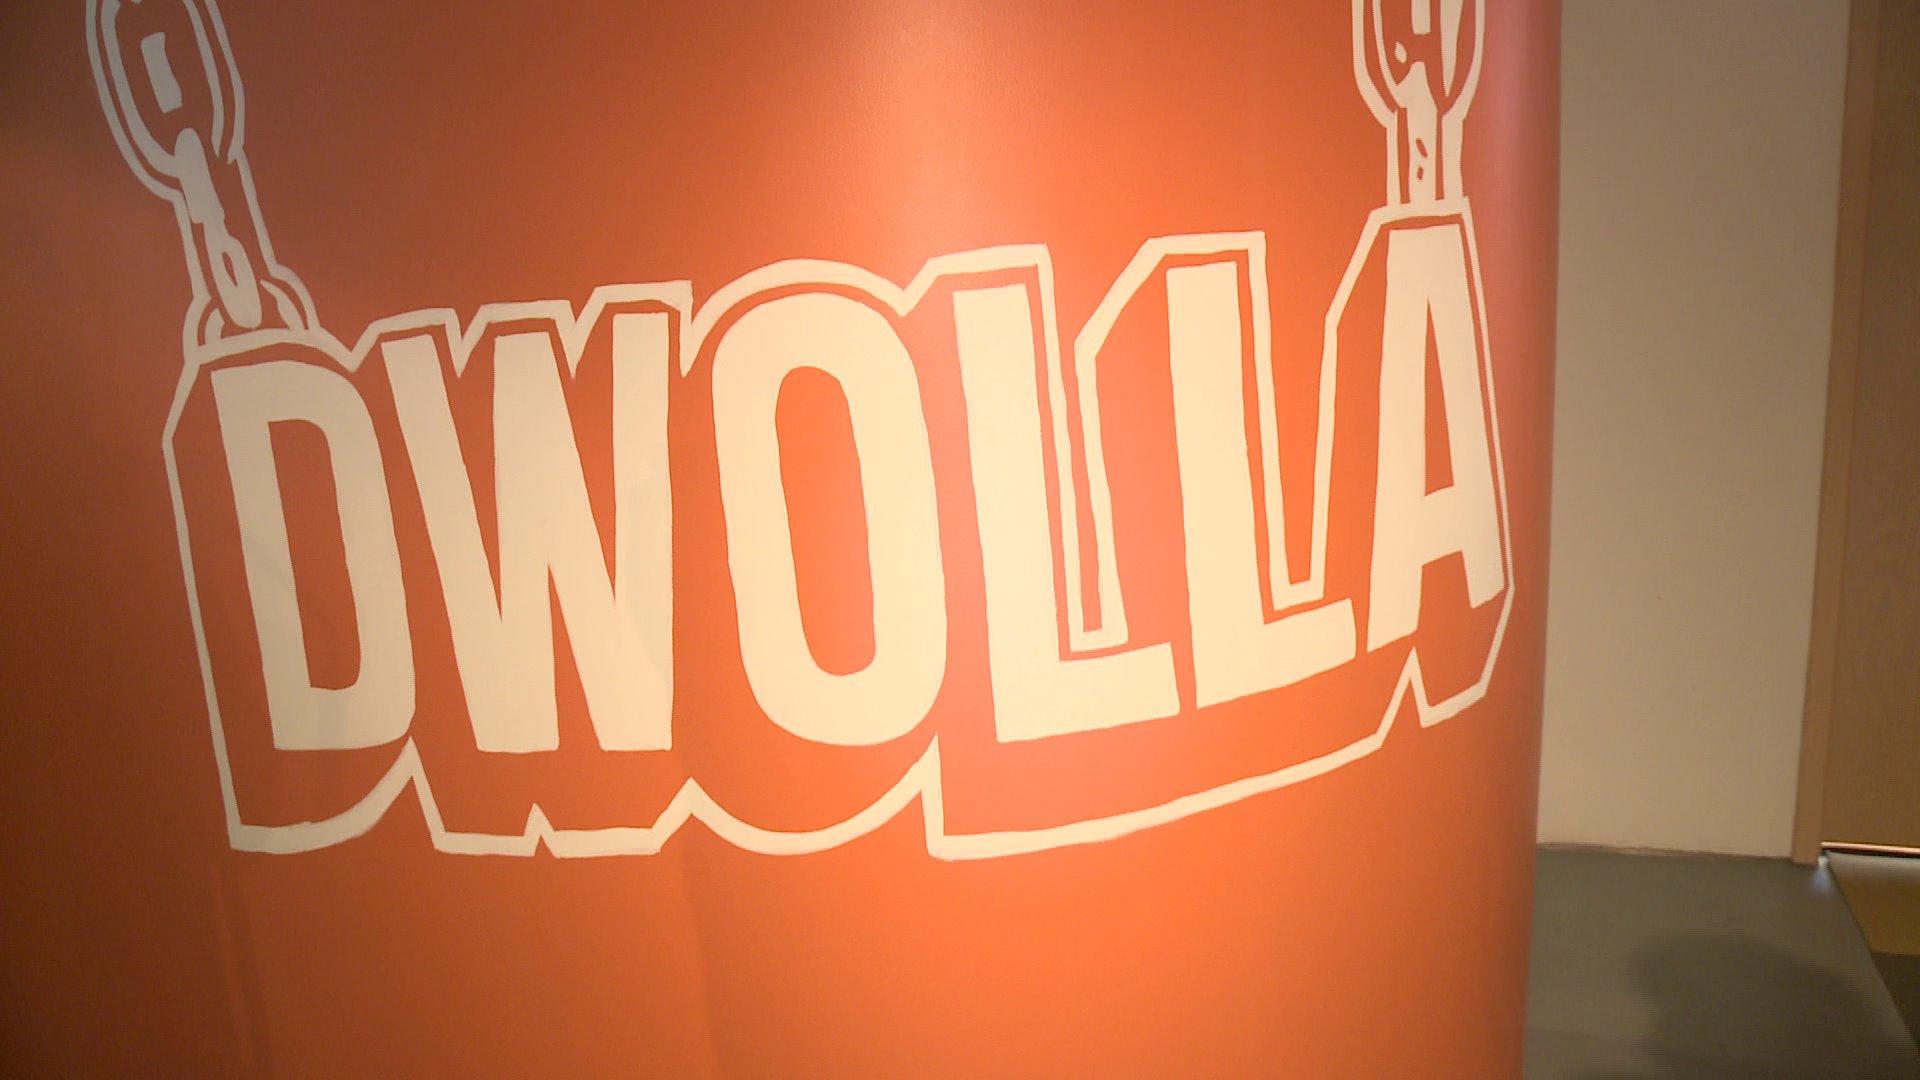 Dwolla (WHO-HD)